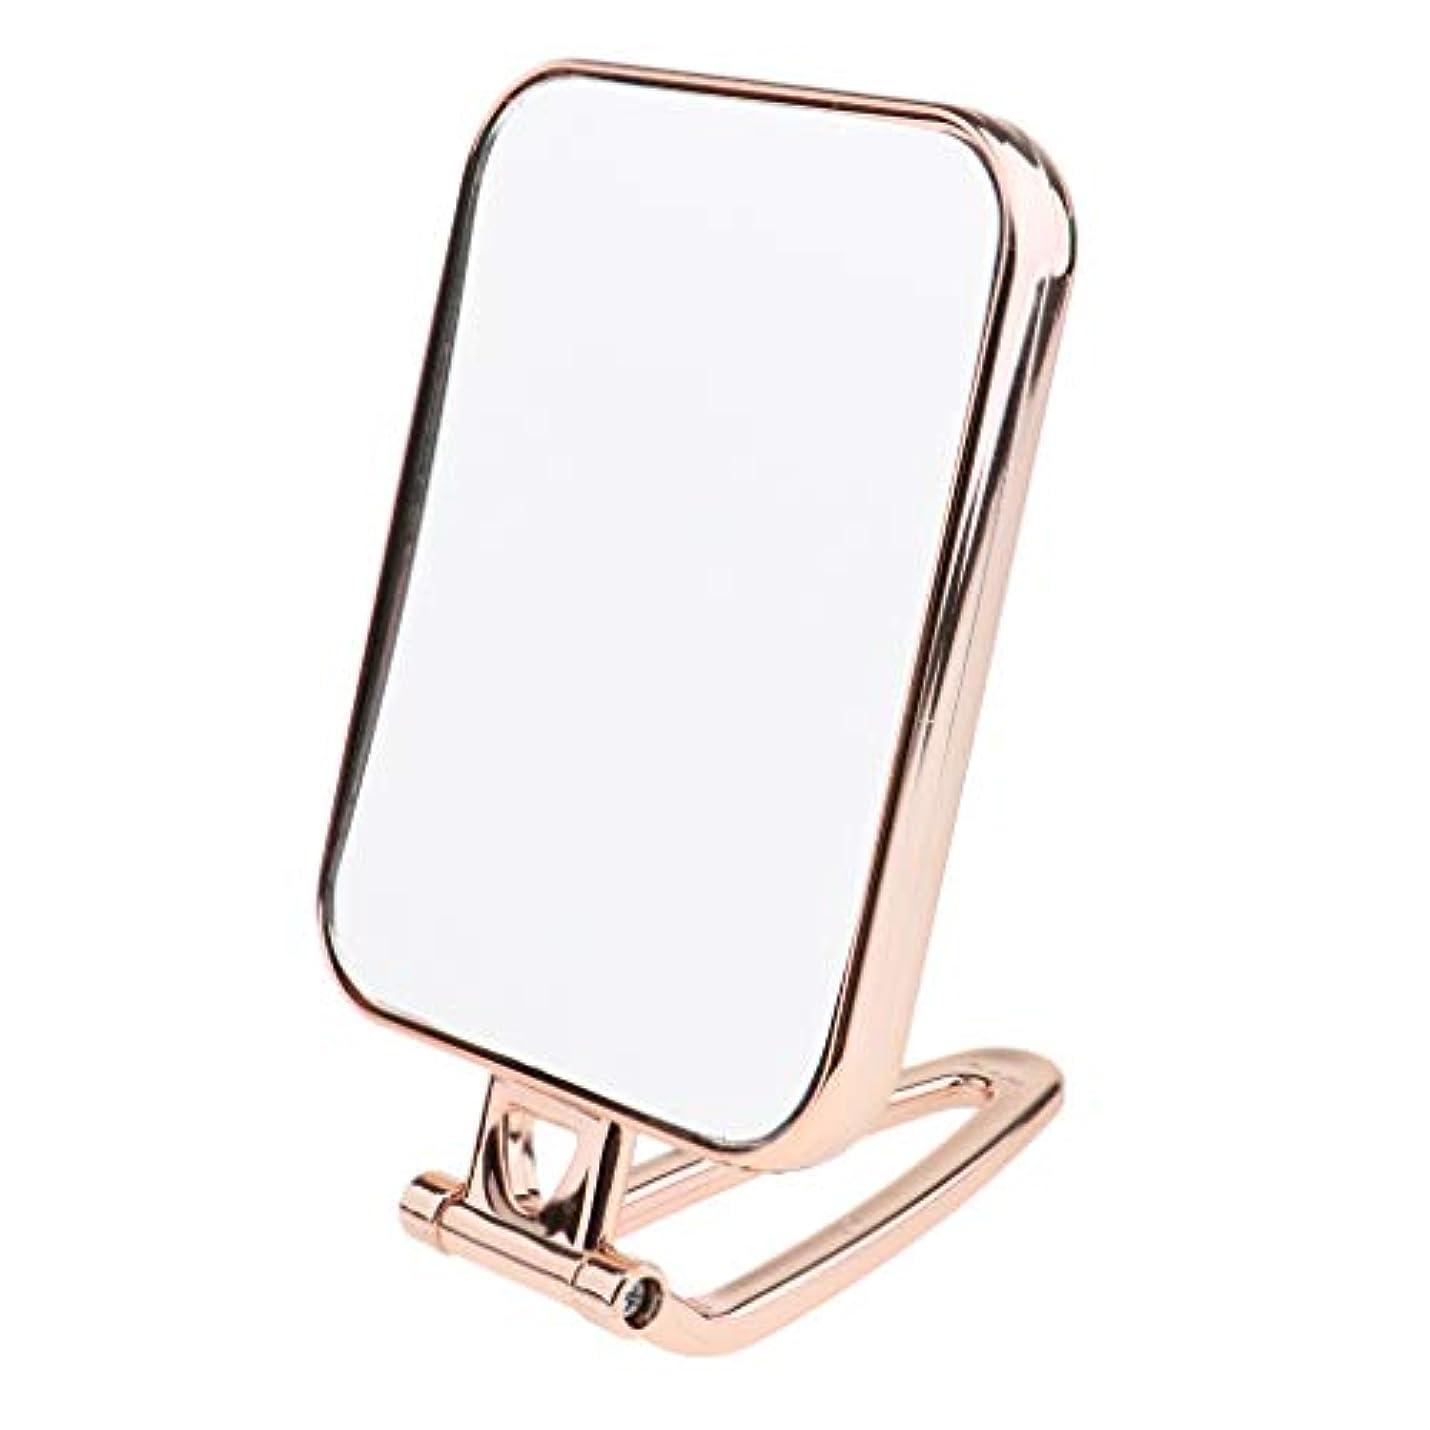 マーティフィールディング暴徒トレイB Blesiya 全3色 スクエア 両面鏡 両面ミラー テーブルミラー 化粧鏡 卓上化粧用品 - ゴールド